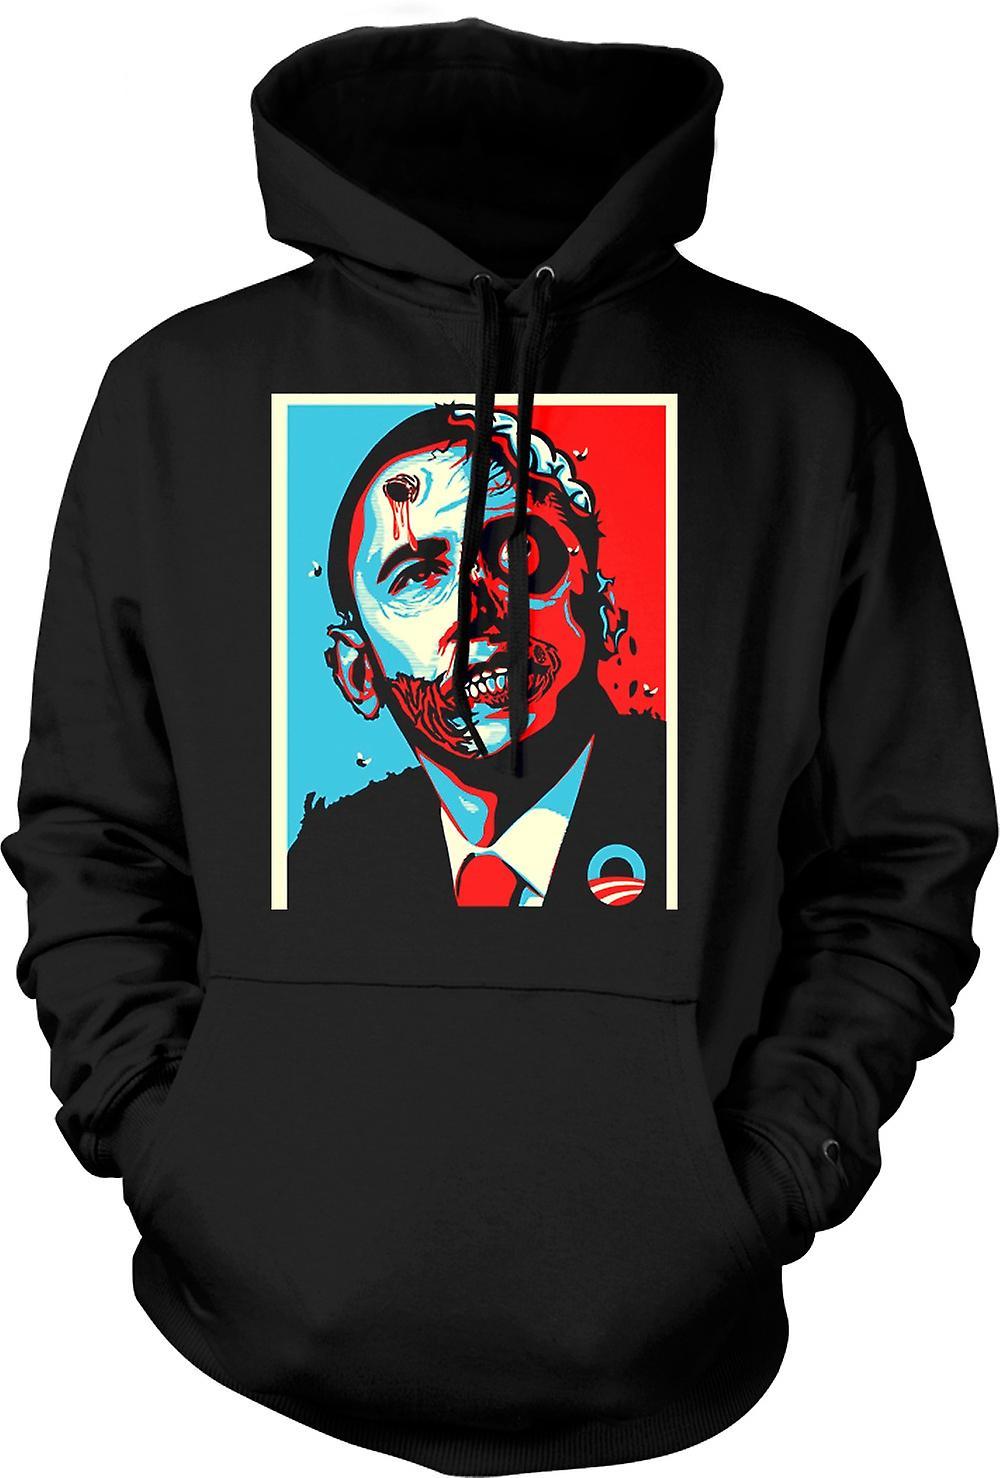 Mens Hoodie - Obama Presidente Zombie - Funny